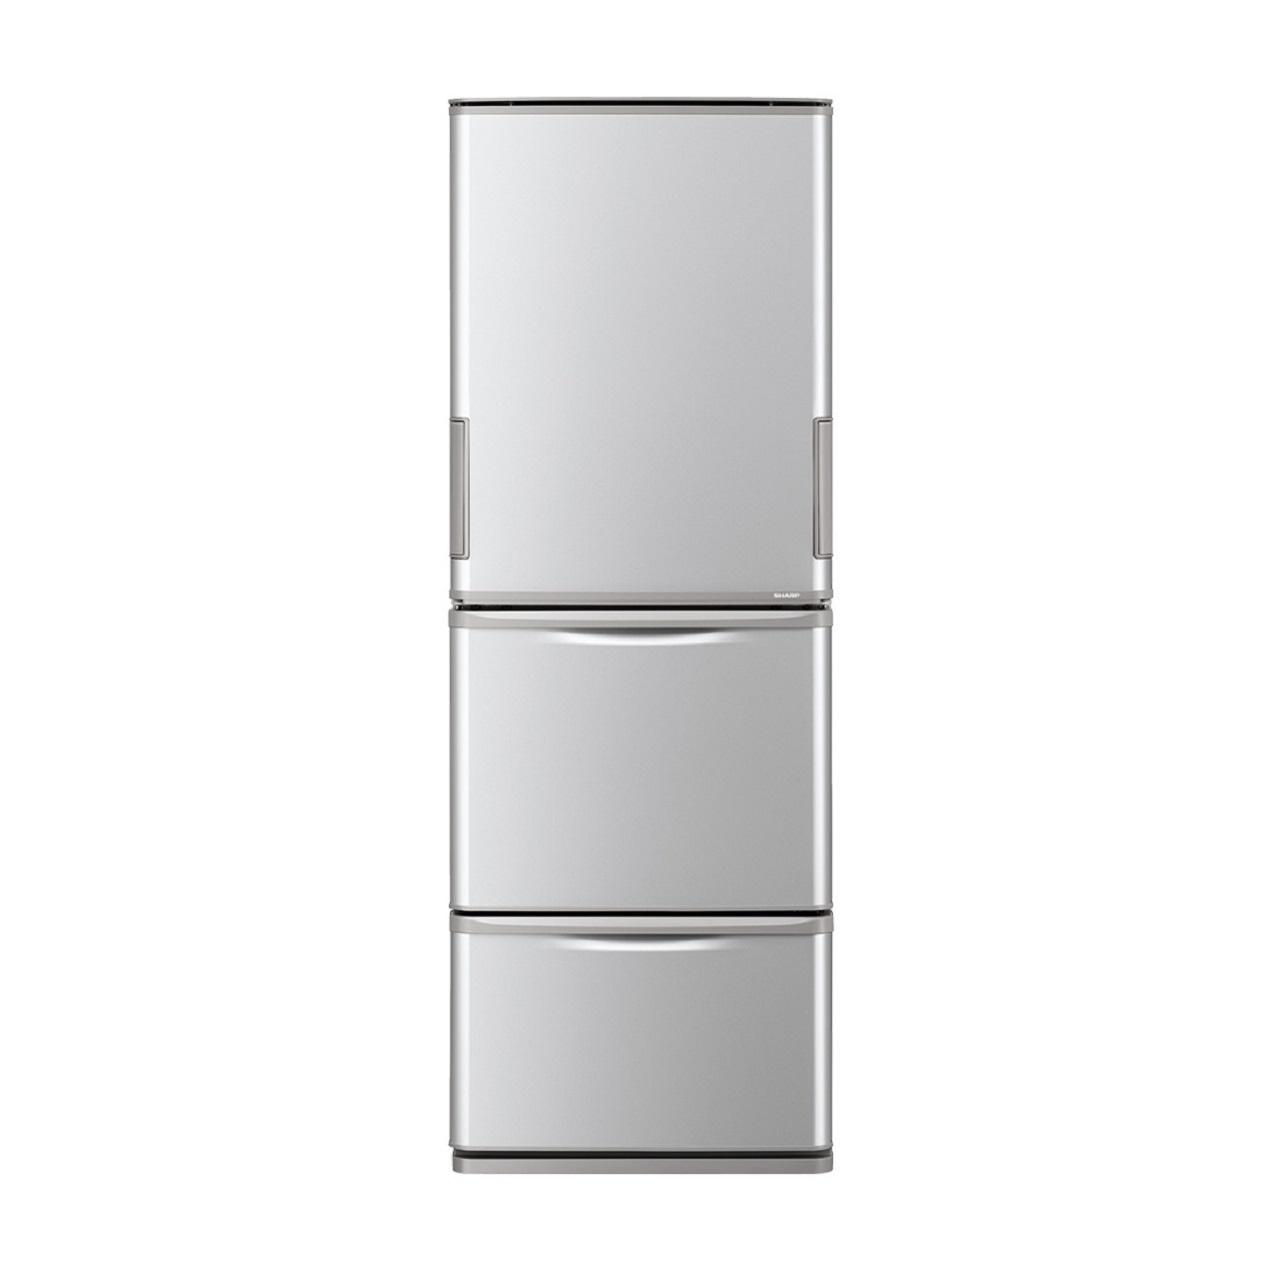 シャープSJ-W352F冷蔵庫